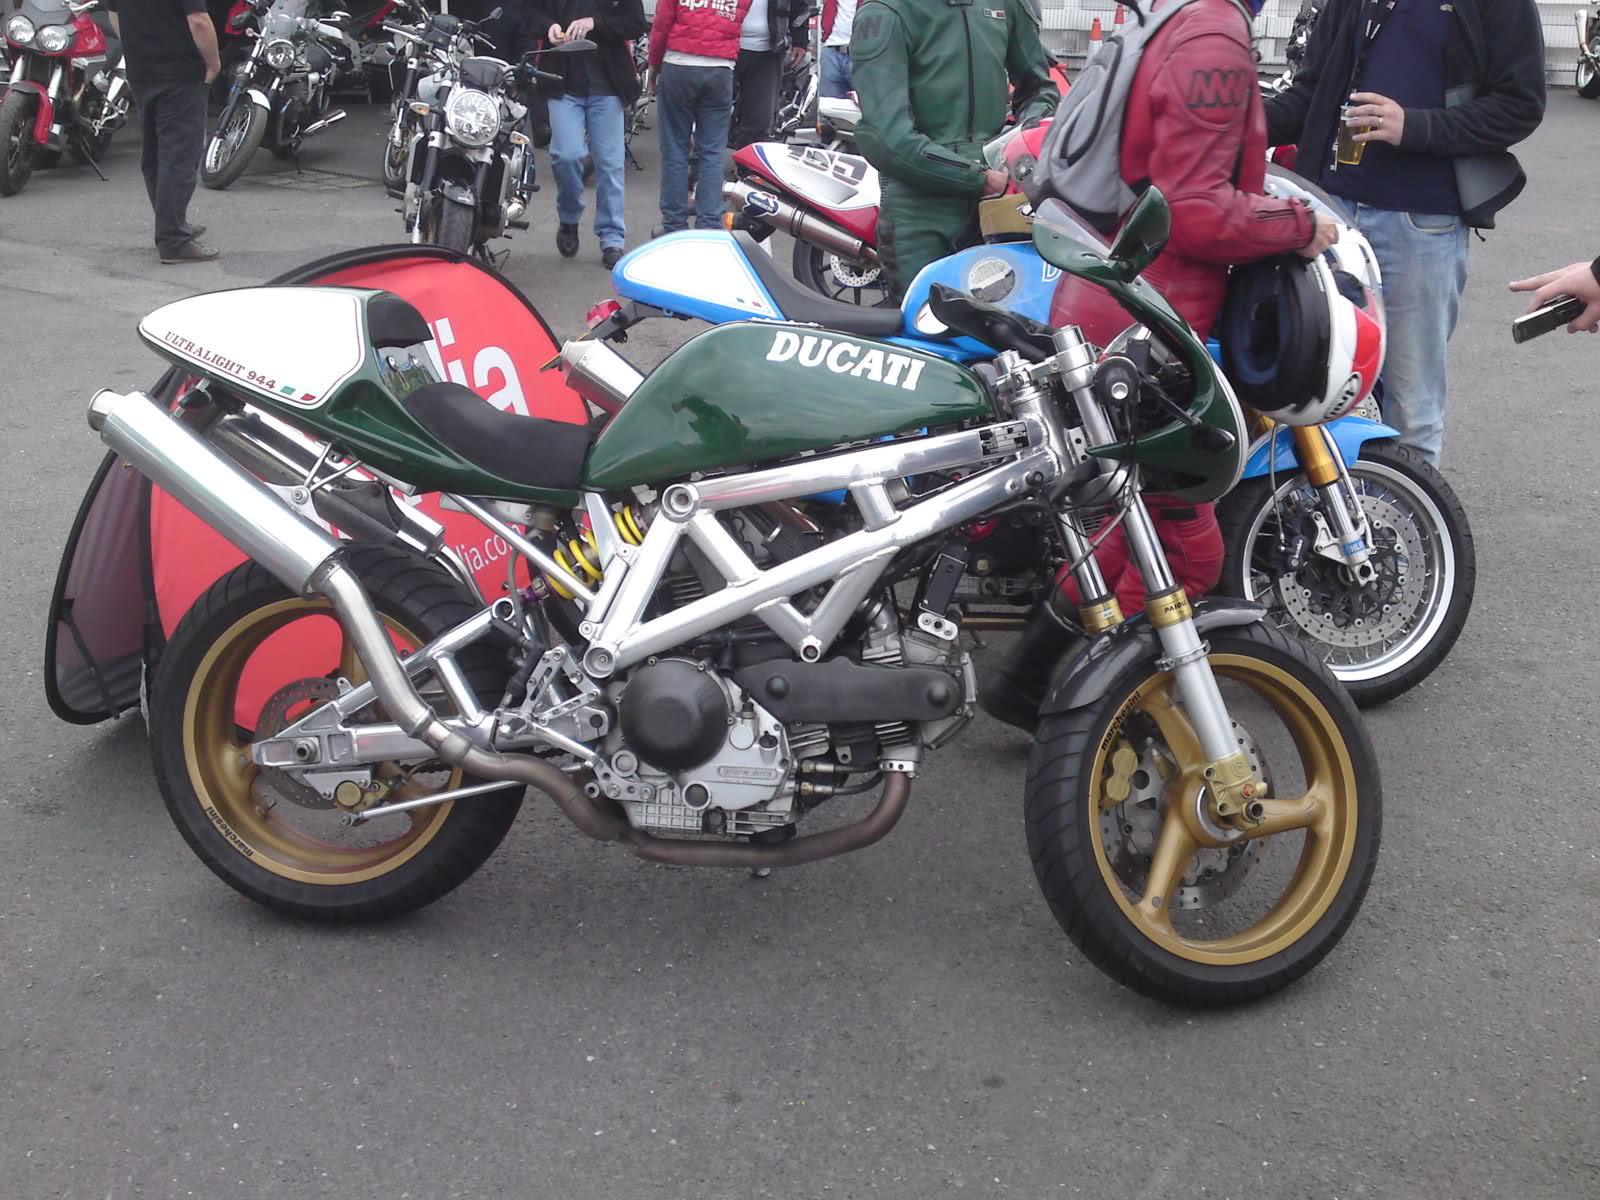 Ducati Deux soupapes V5h45v